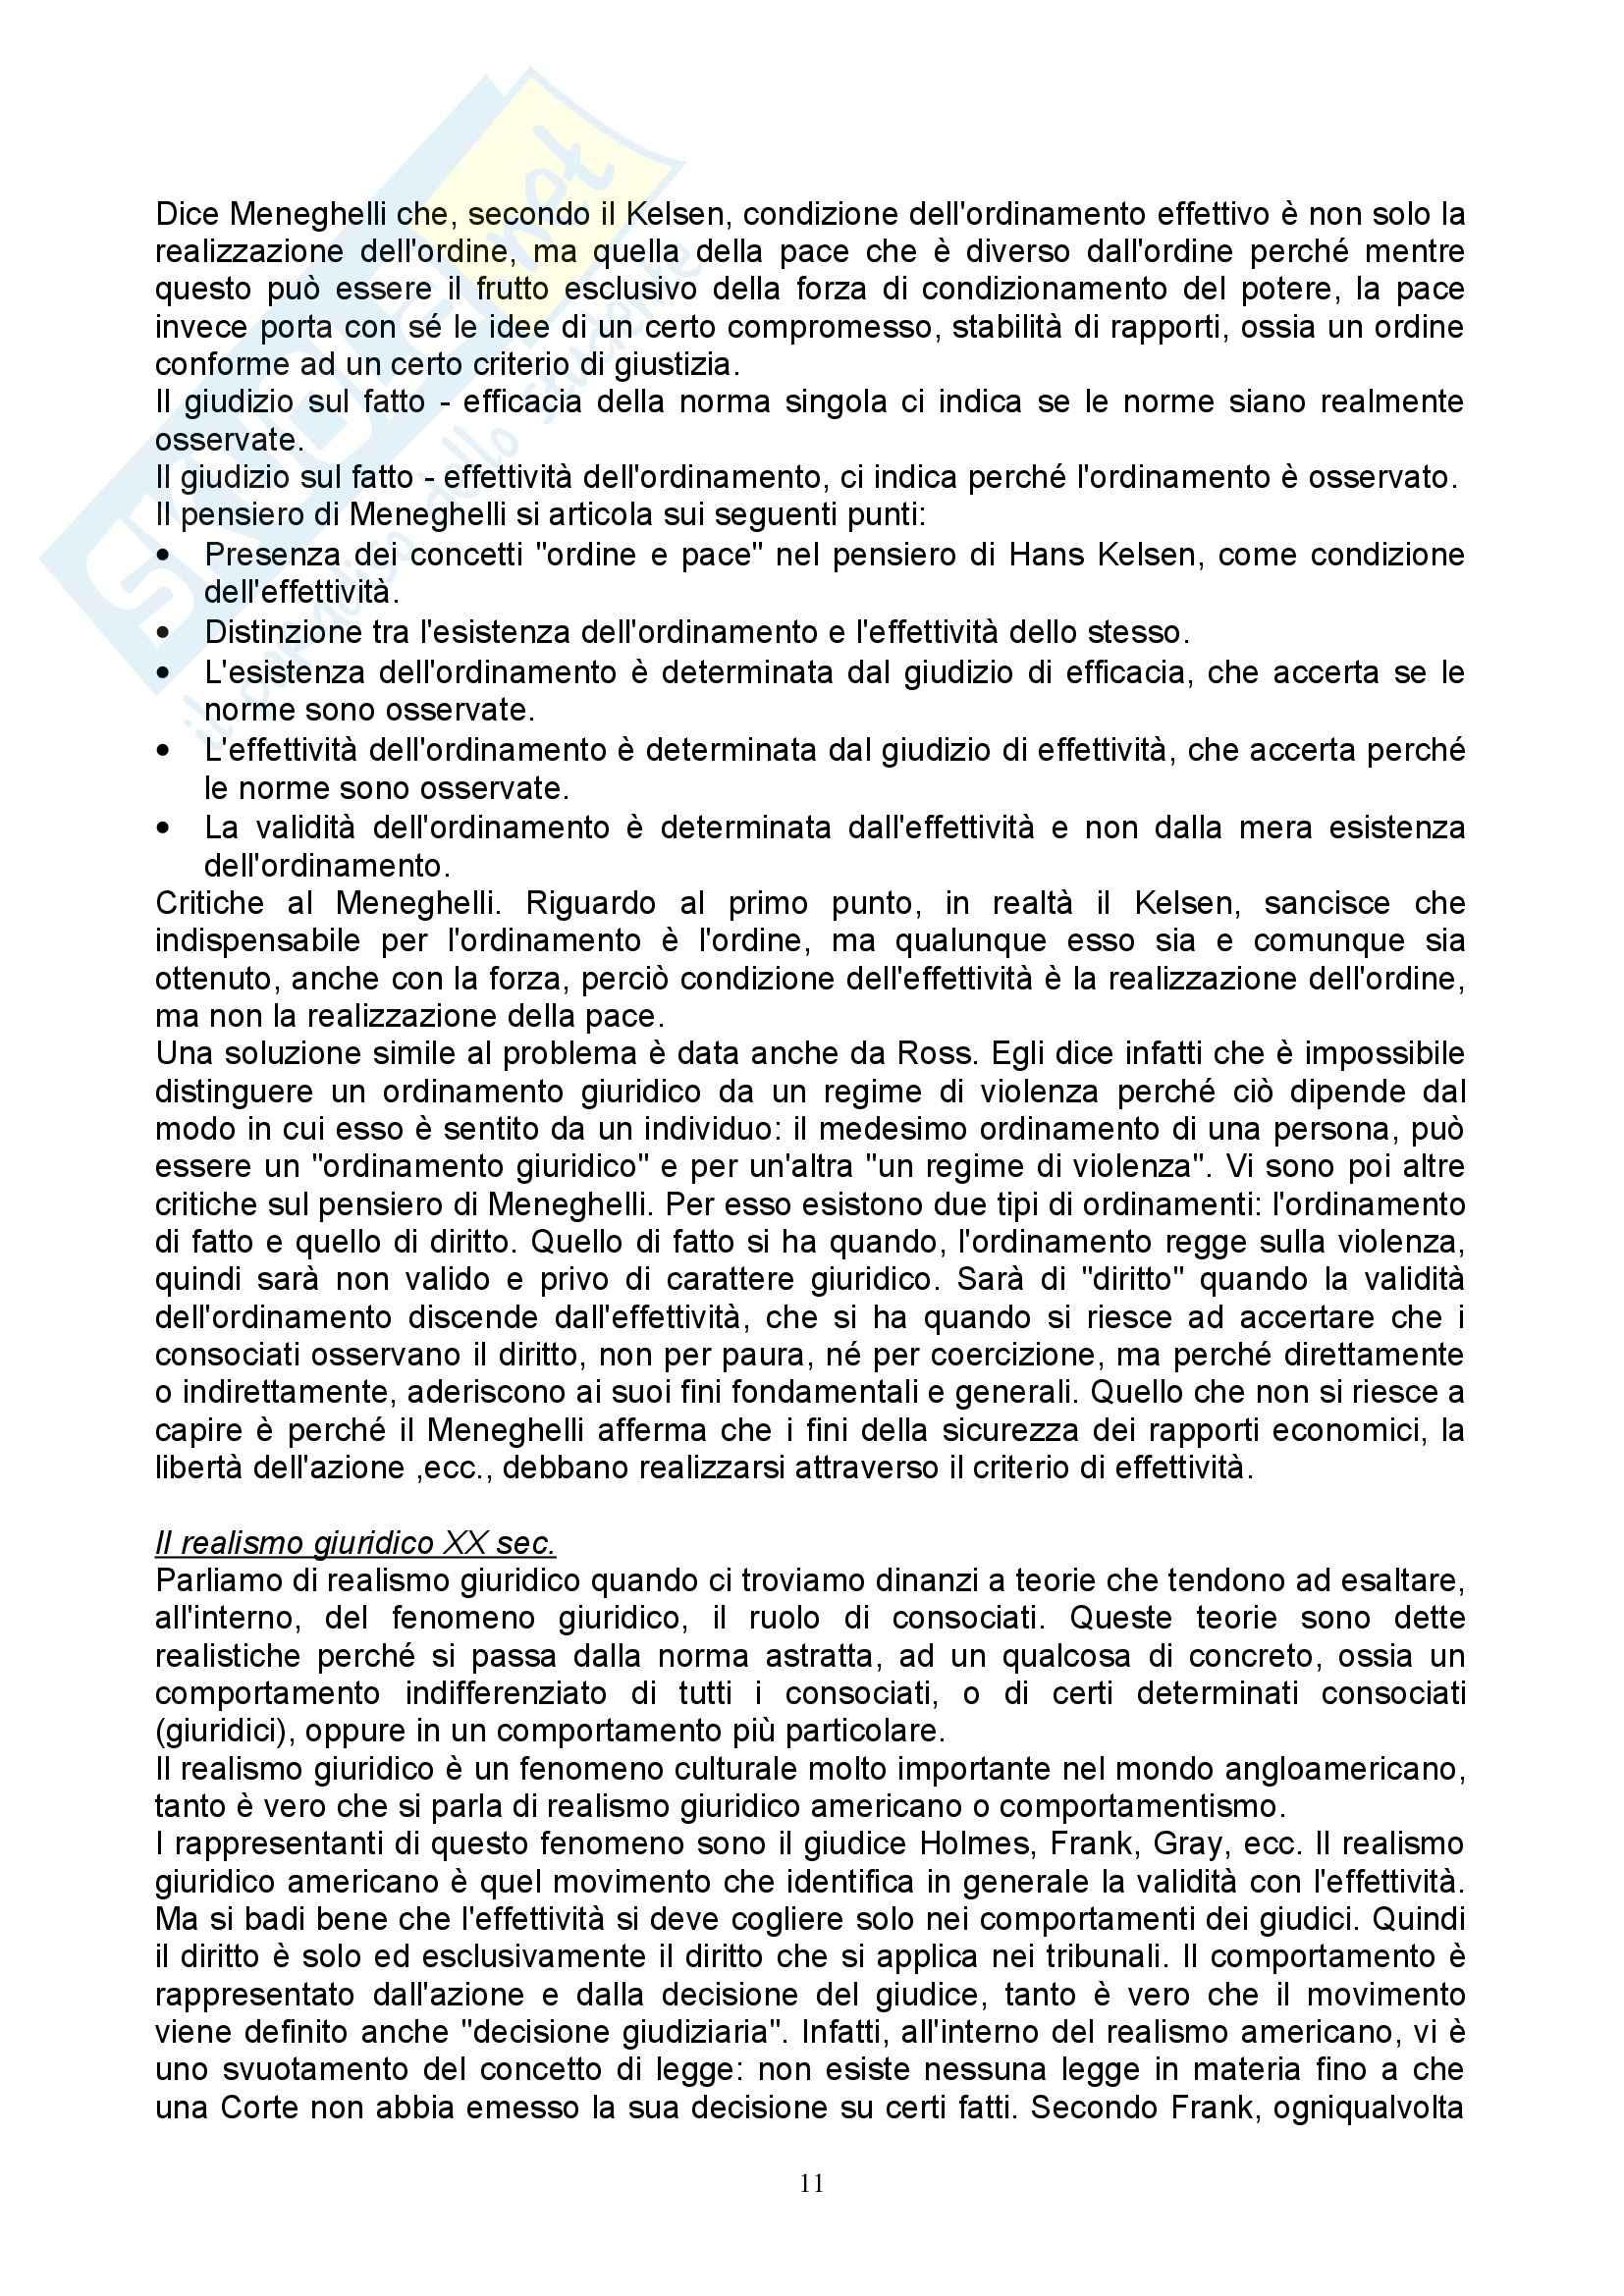 Filosofia del diritto - Appunti Pag. 11